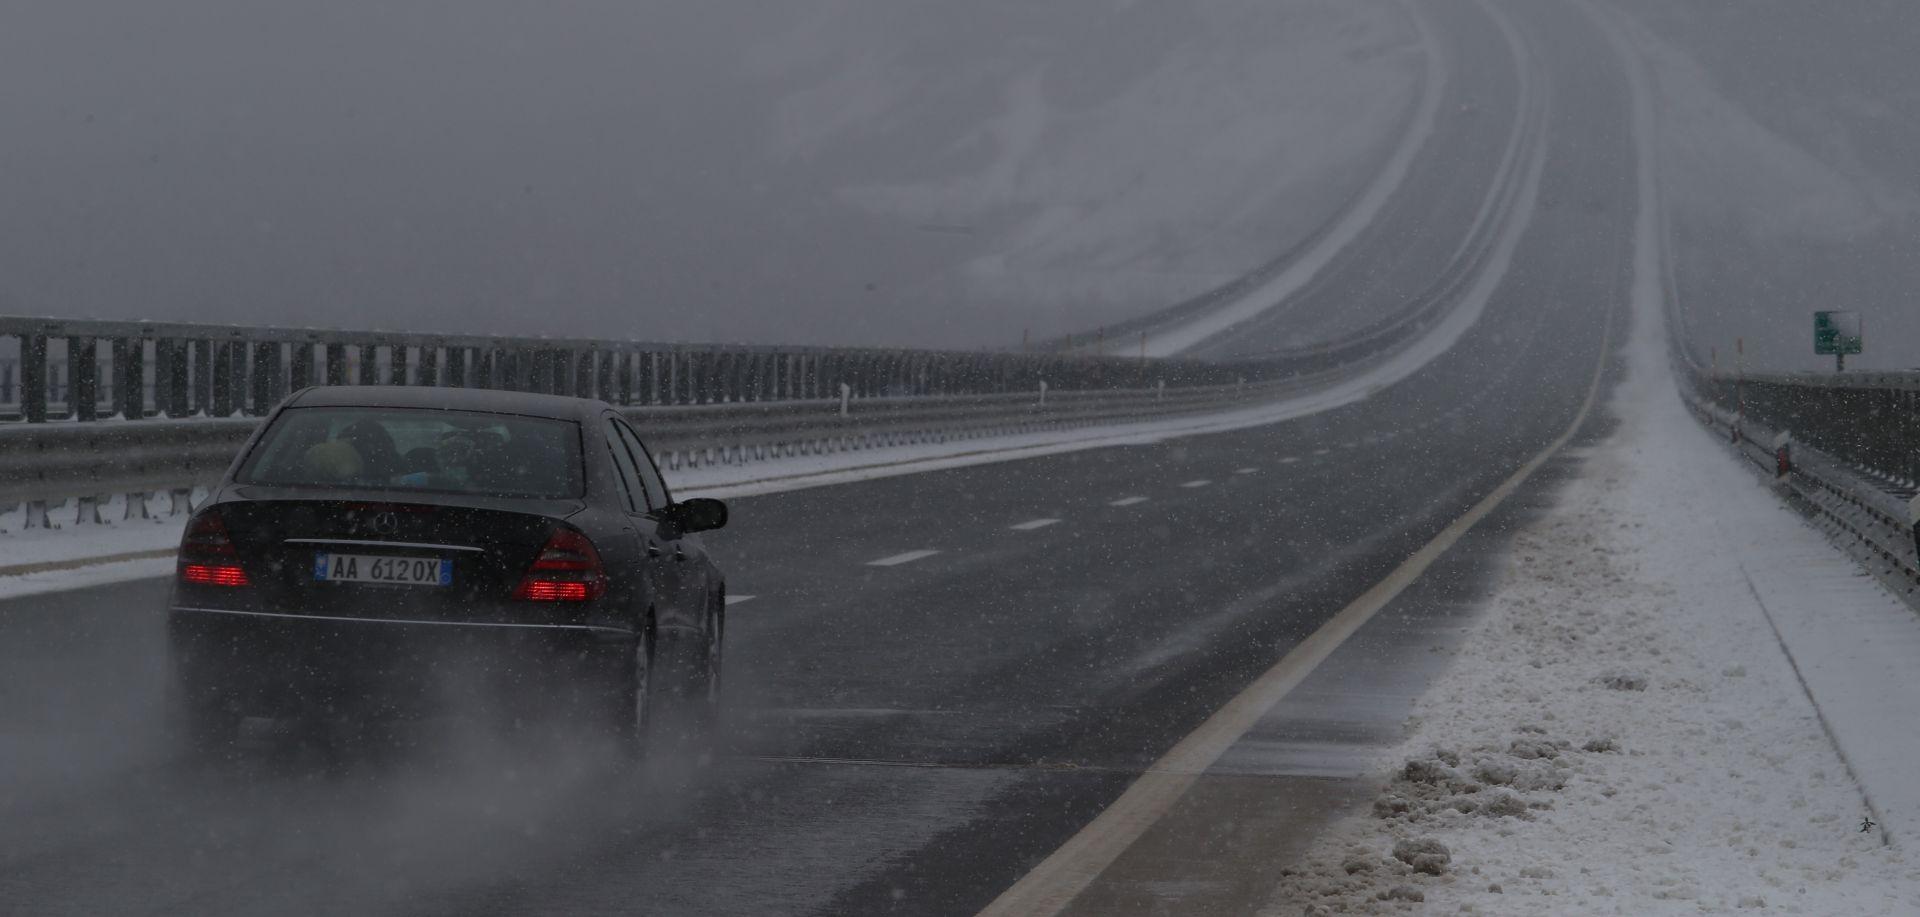 HAK Zbog niskih temperatura moguća poledica, magla smanjuje vidljivost, jak vjetar na A6